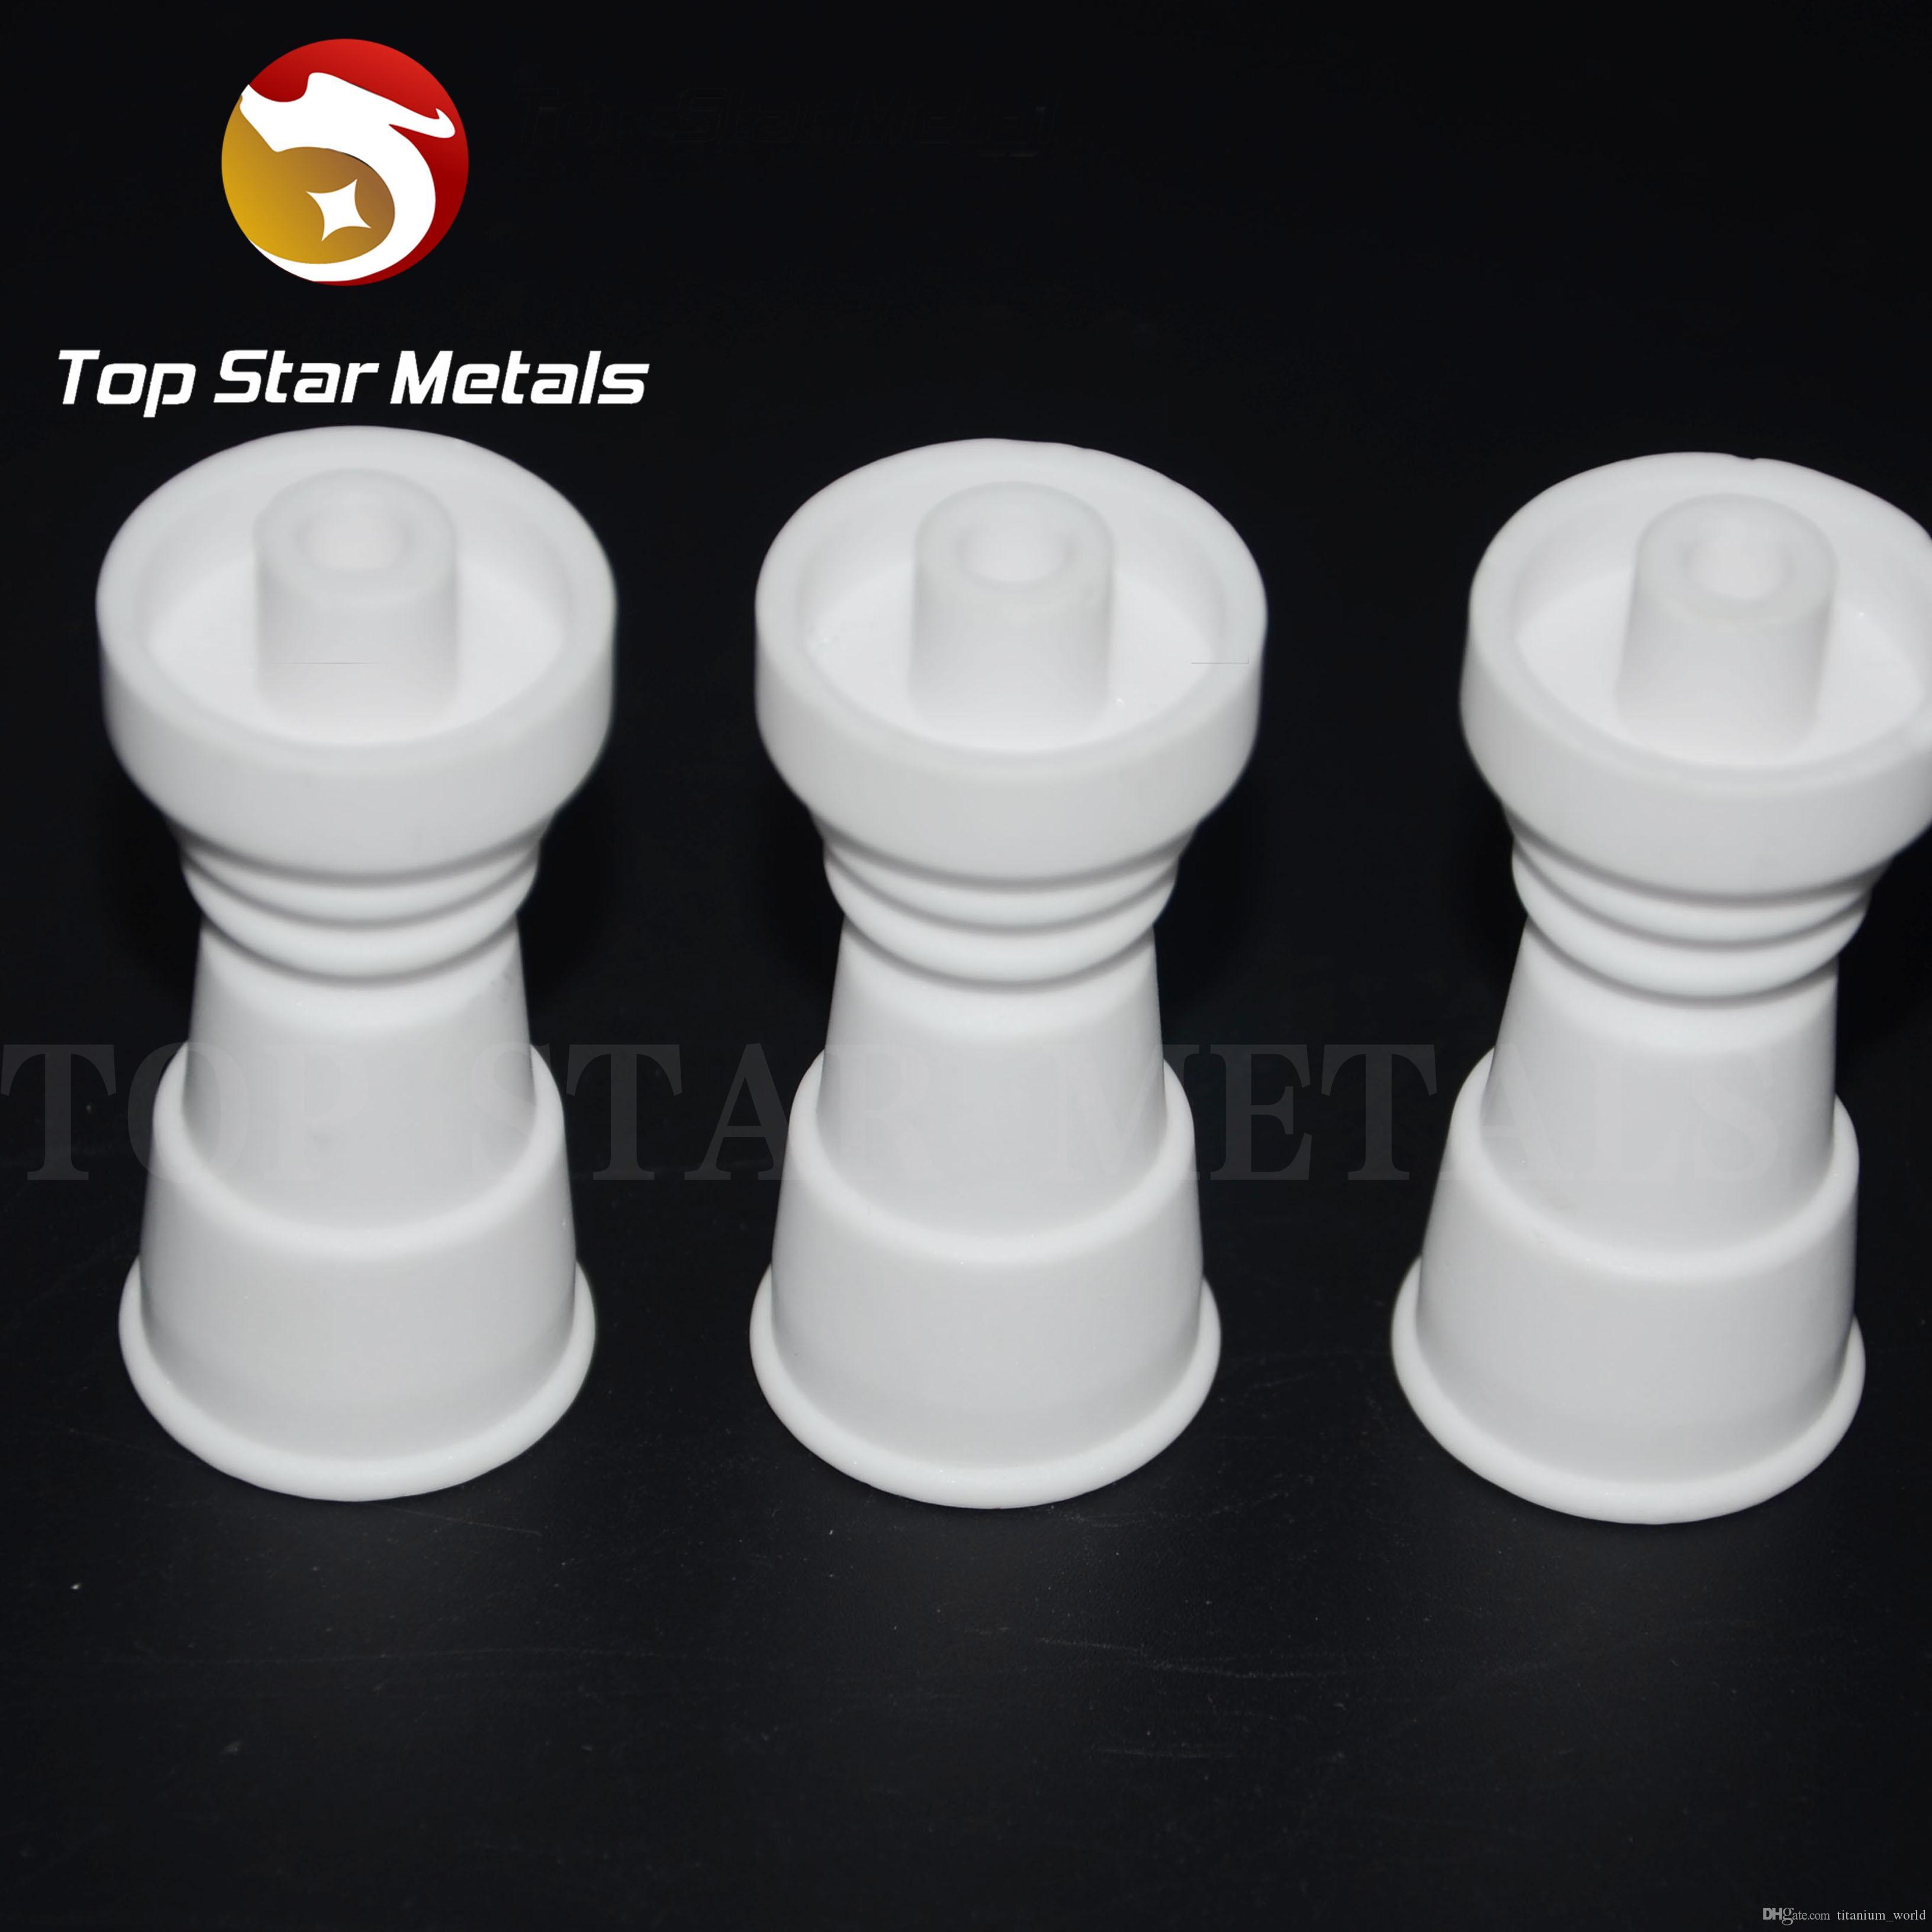 100% de cerámica de calidad alimentaria con clavos de cerámica sin adornos: el diseño de inyección directa se adapta a juntas de vidrio macho de 14 mm y a juntas de vidrio macho de 19 mm